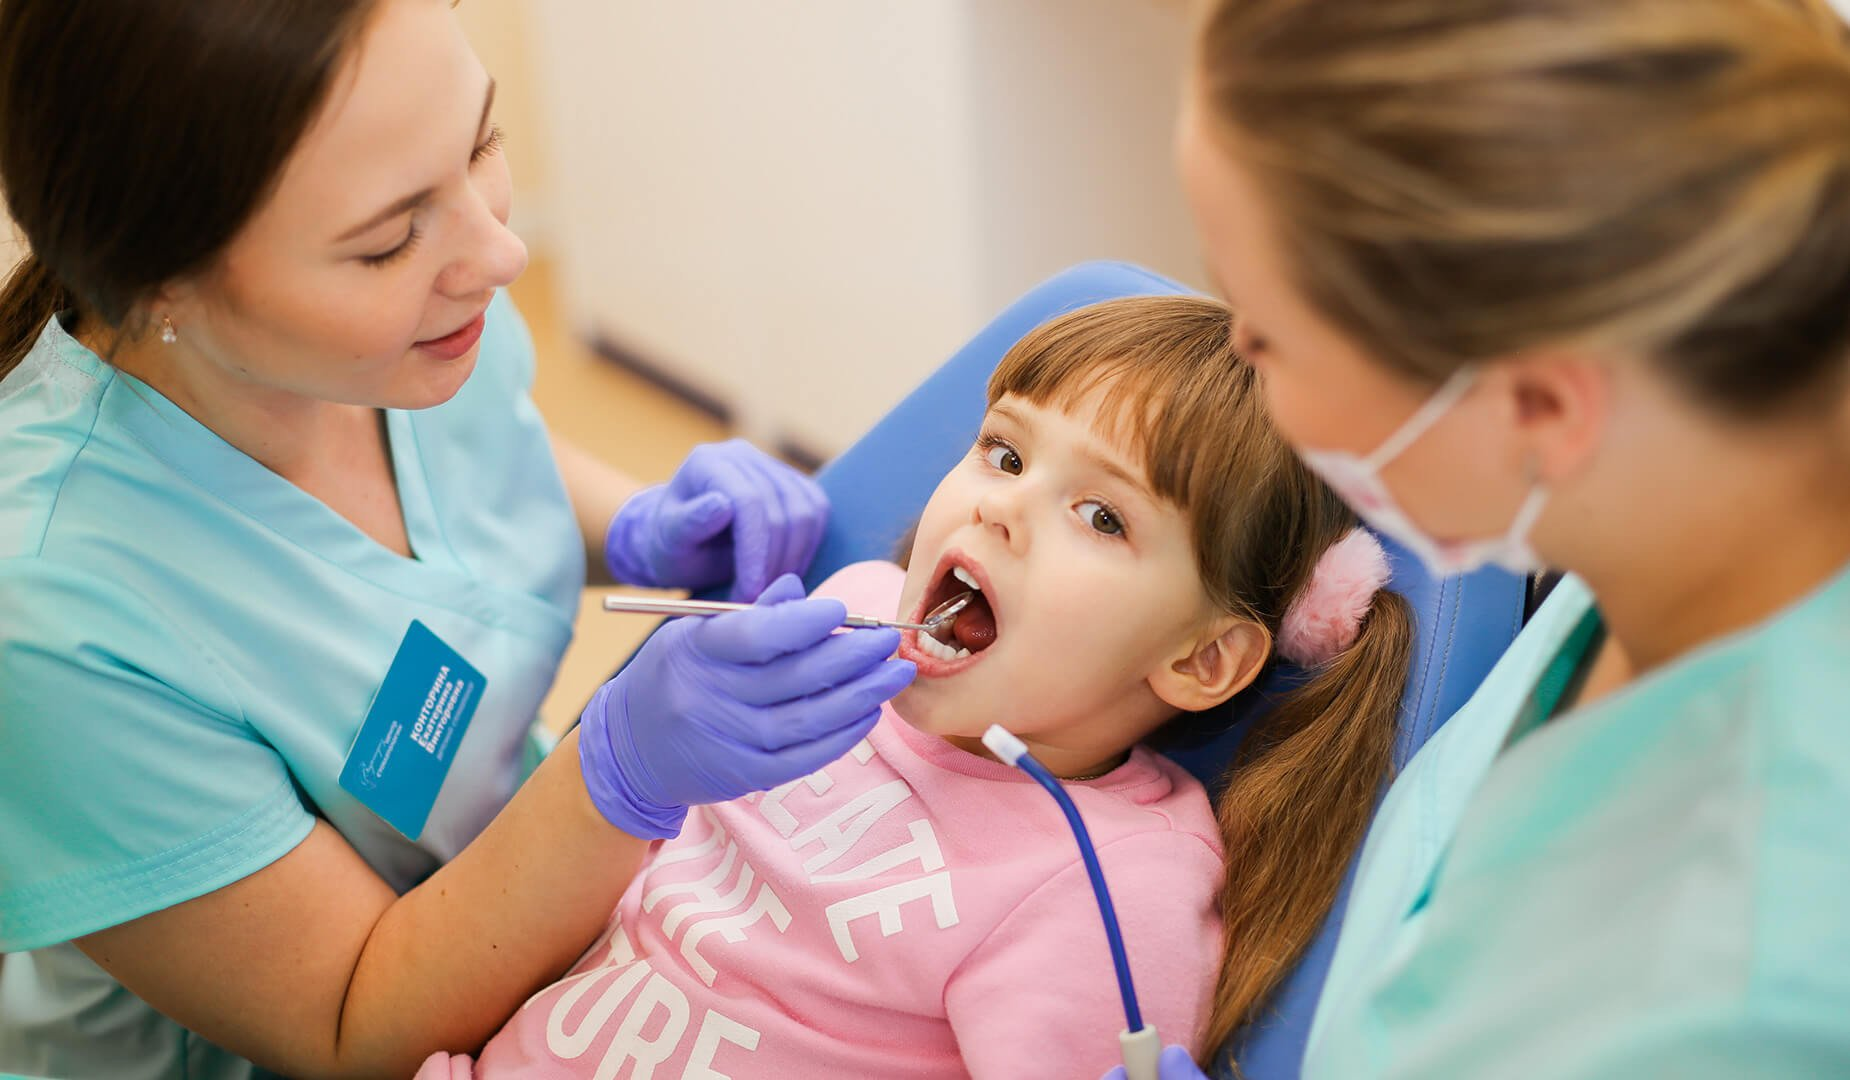 Осмотр маленькой пациентки в кресле у стоматолога